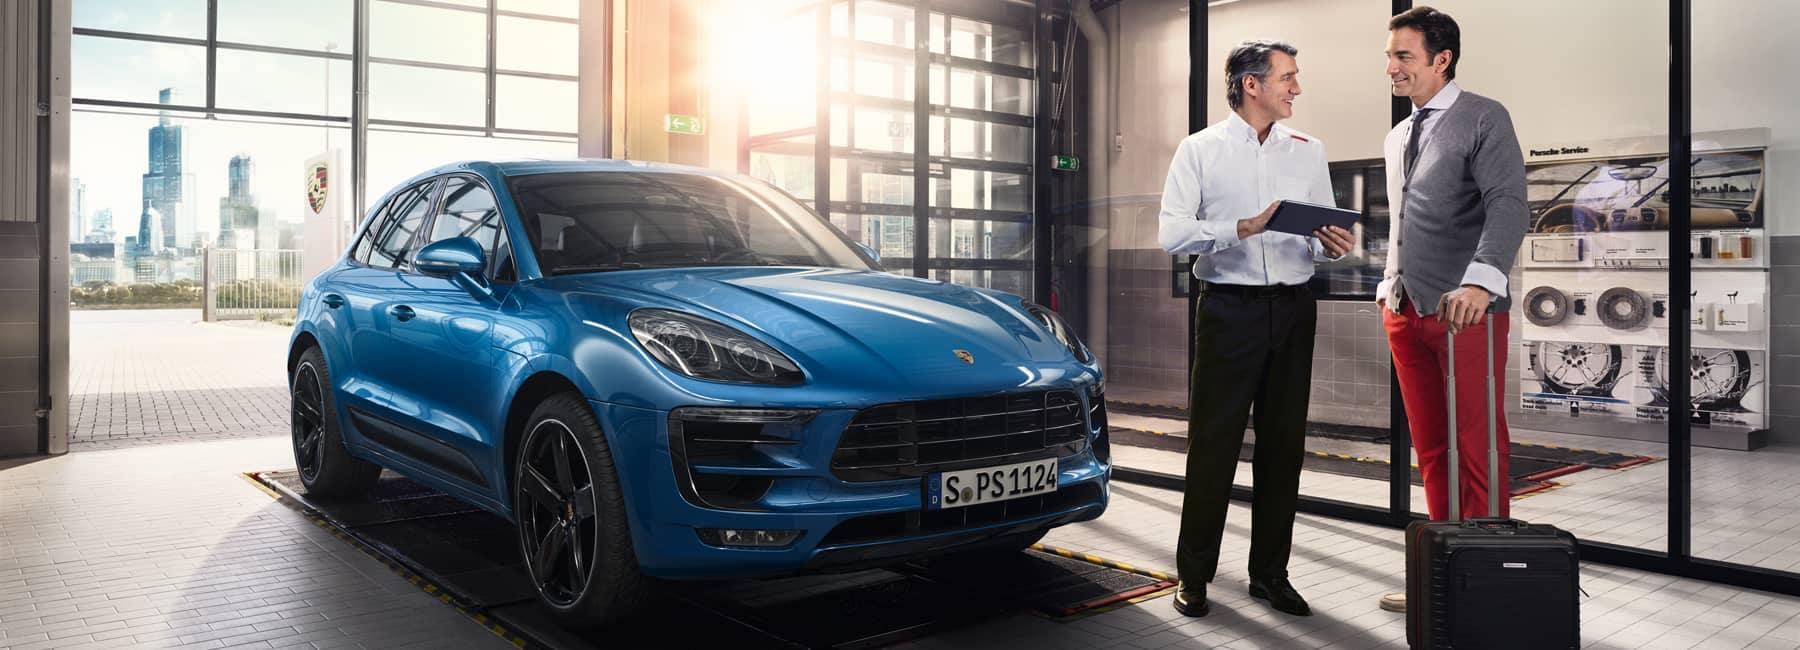 Porsche-Direct-Dialog-2